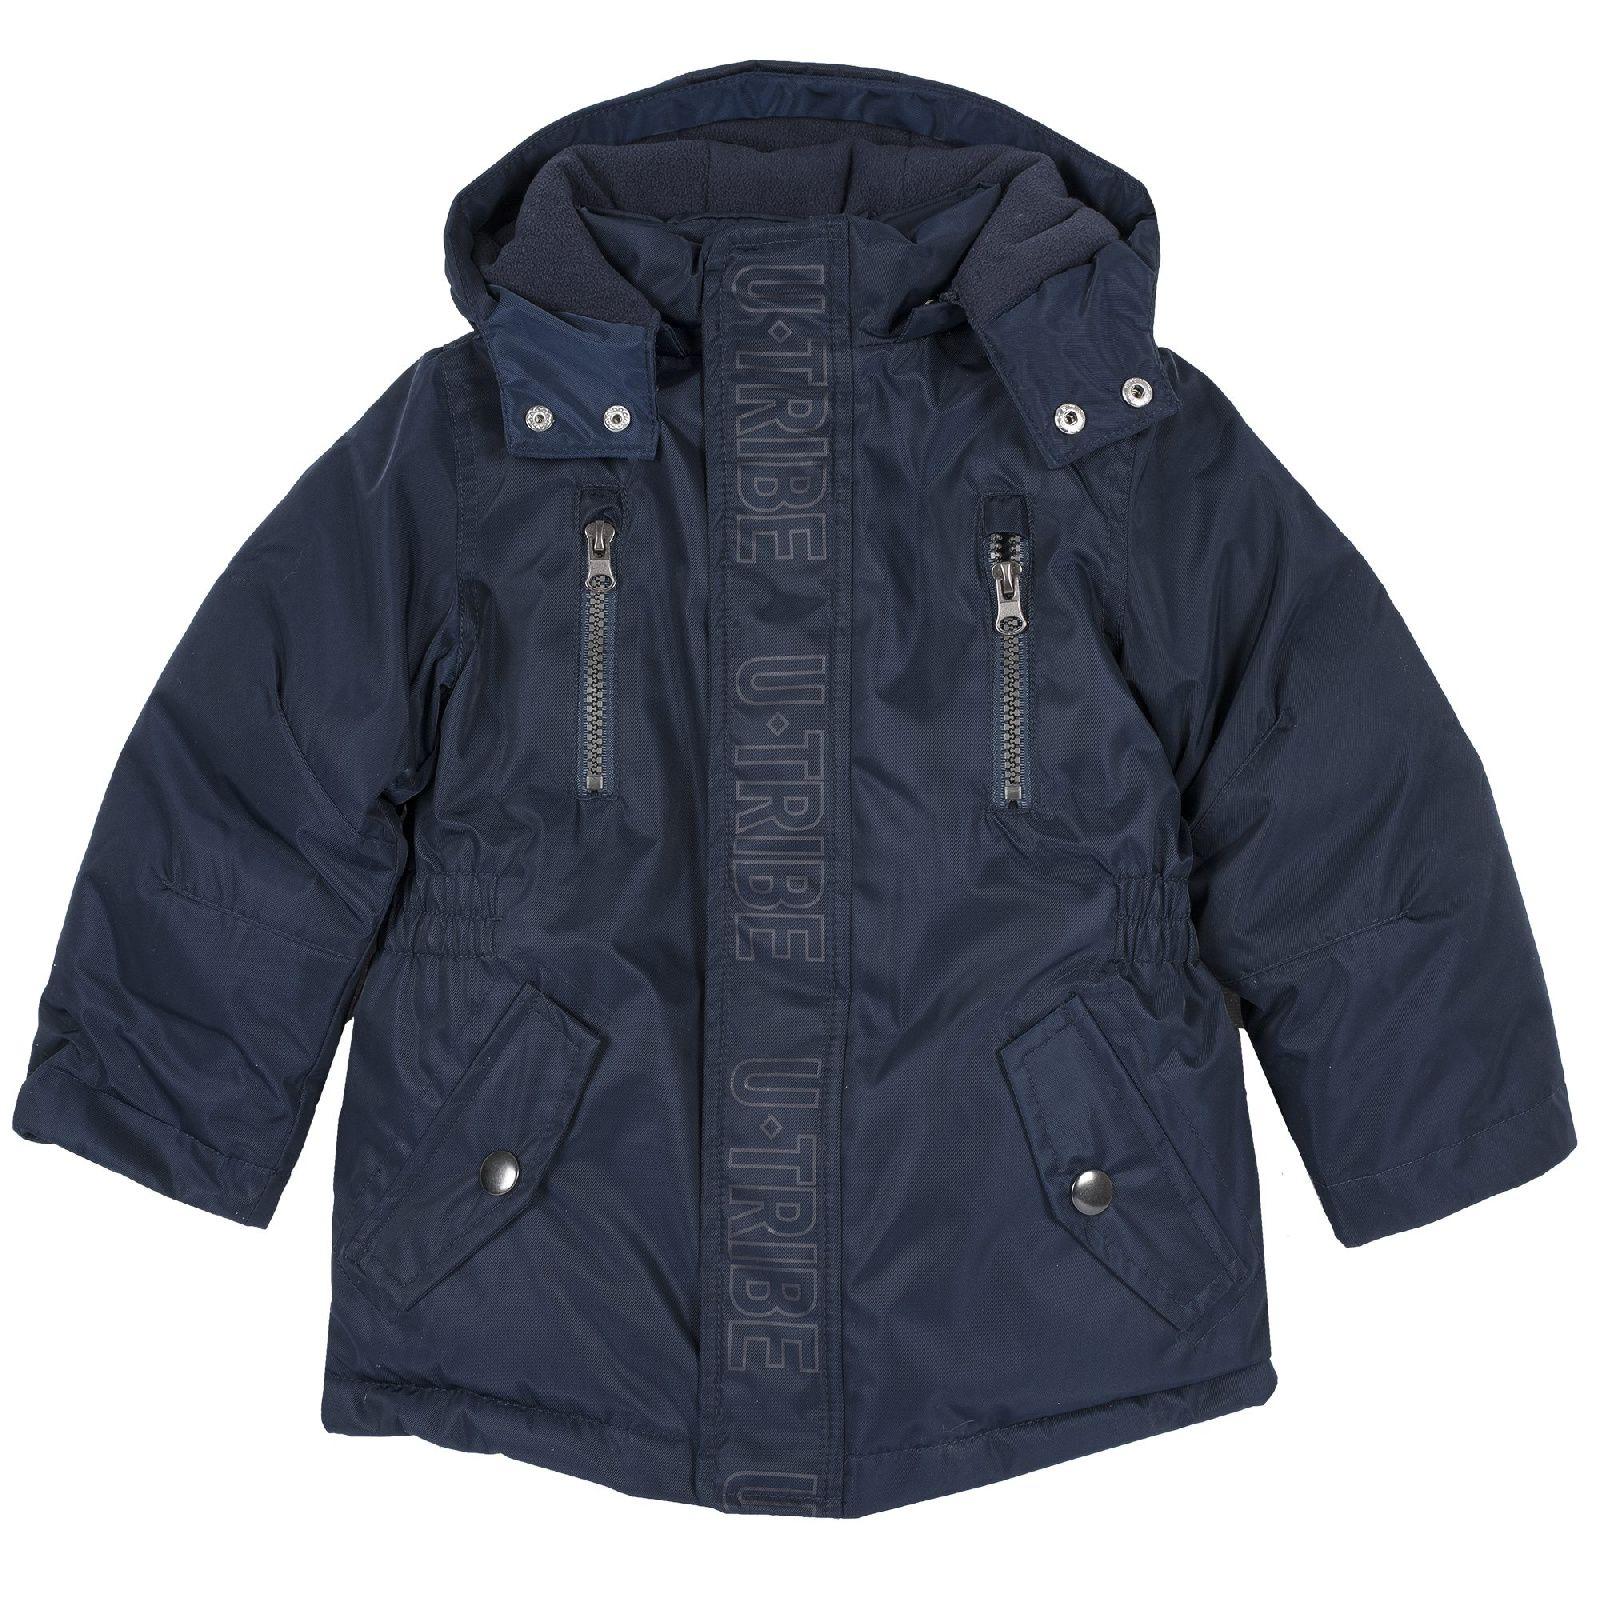 Купить 9087444, Куртка для мальчиков Chicco с отсегивающимся капюшоном, цвет темно-синий, размер 128,